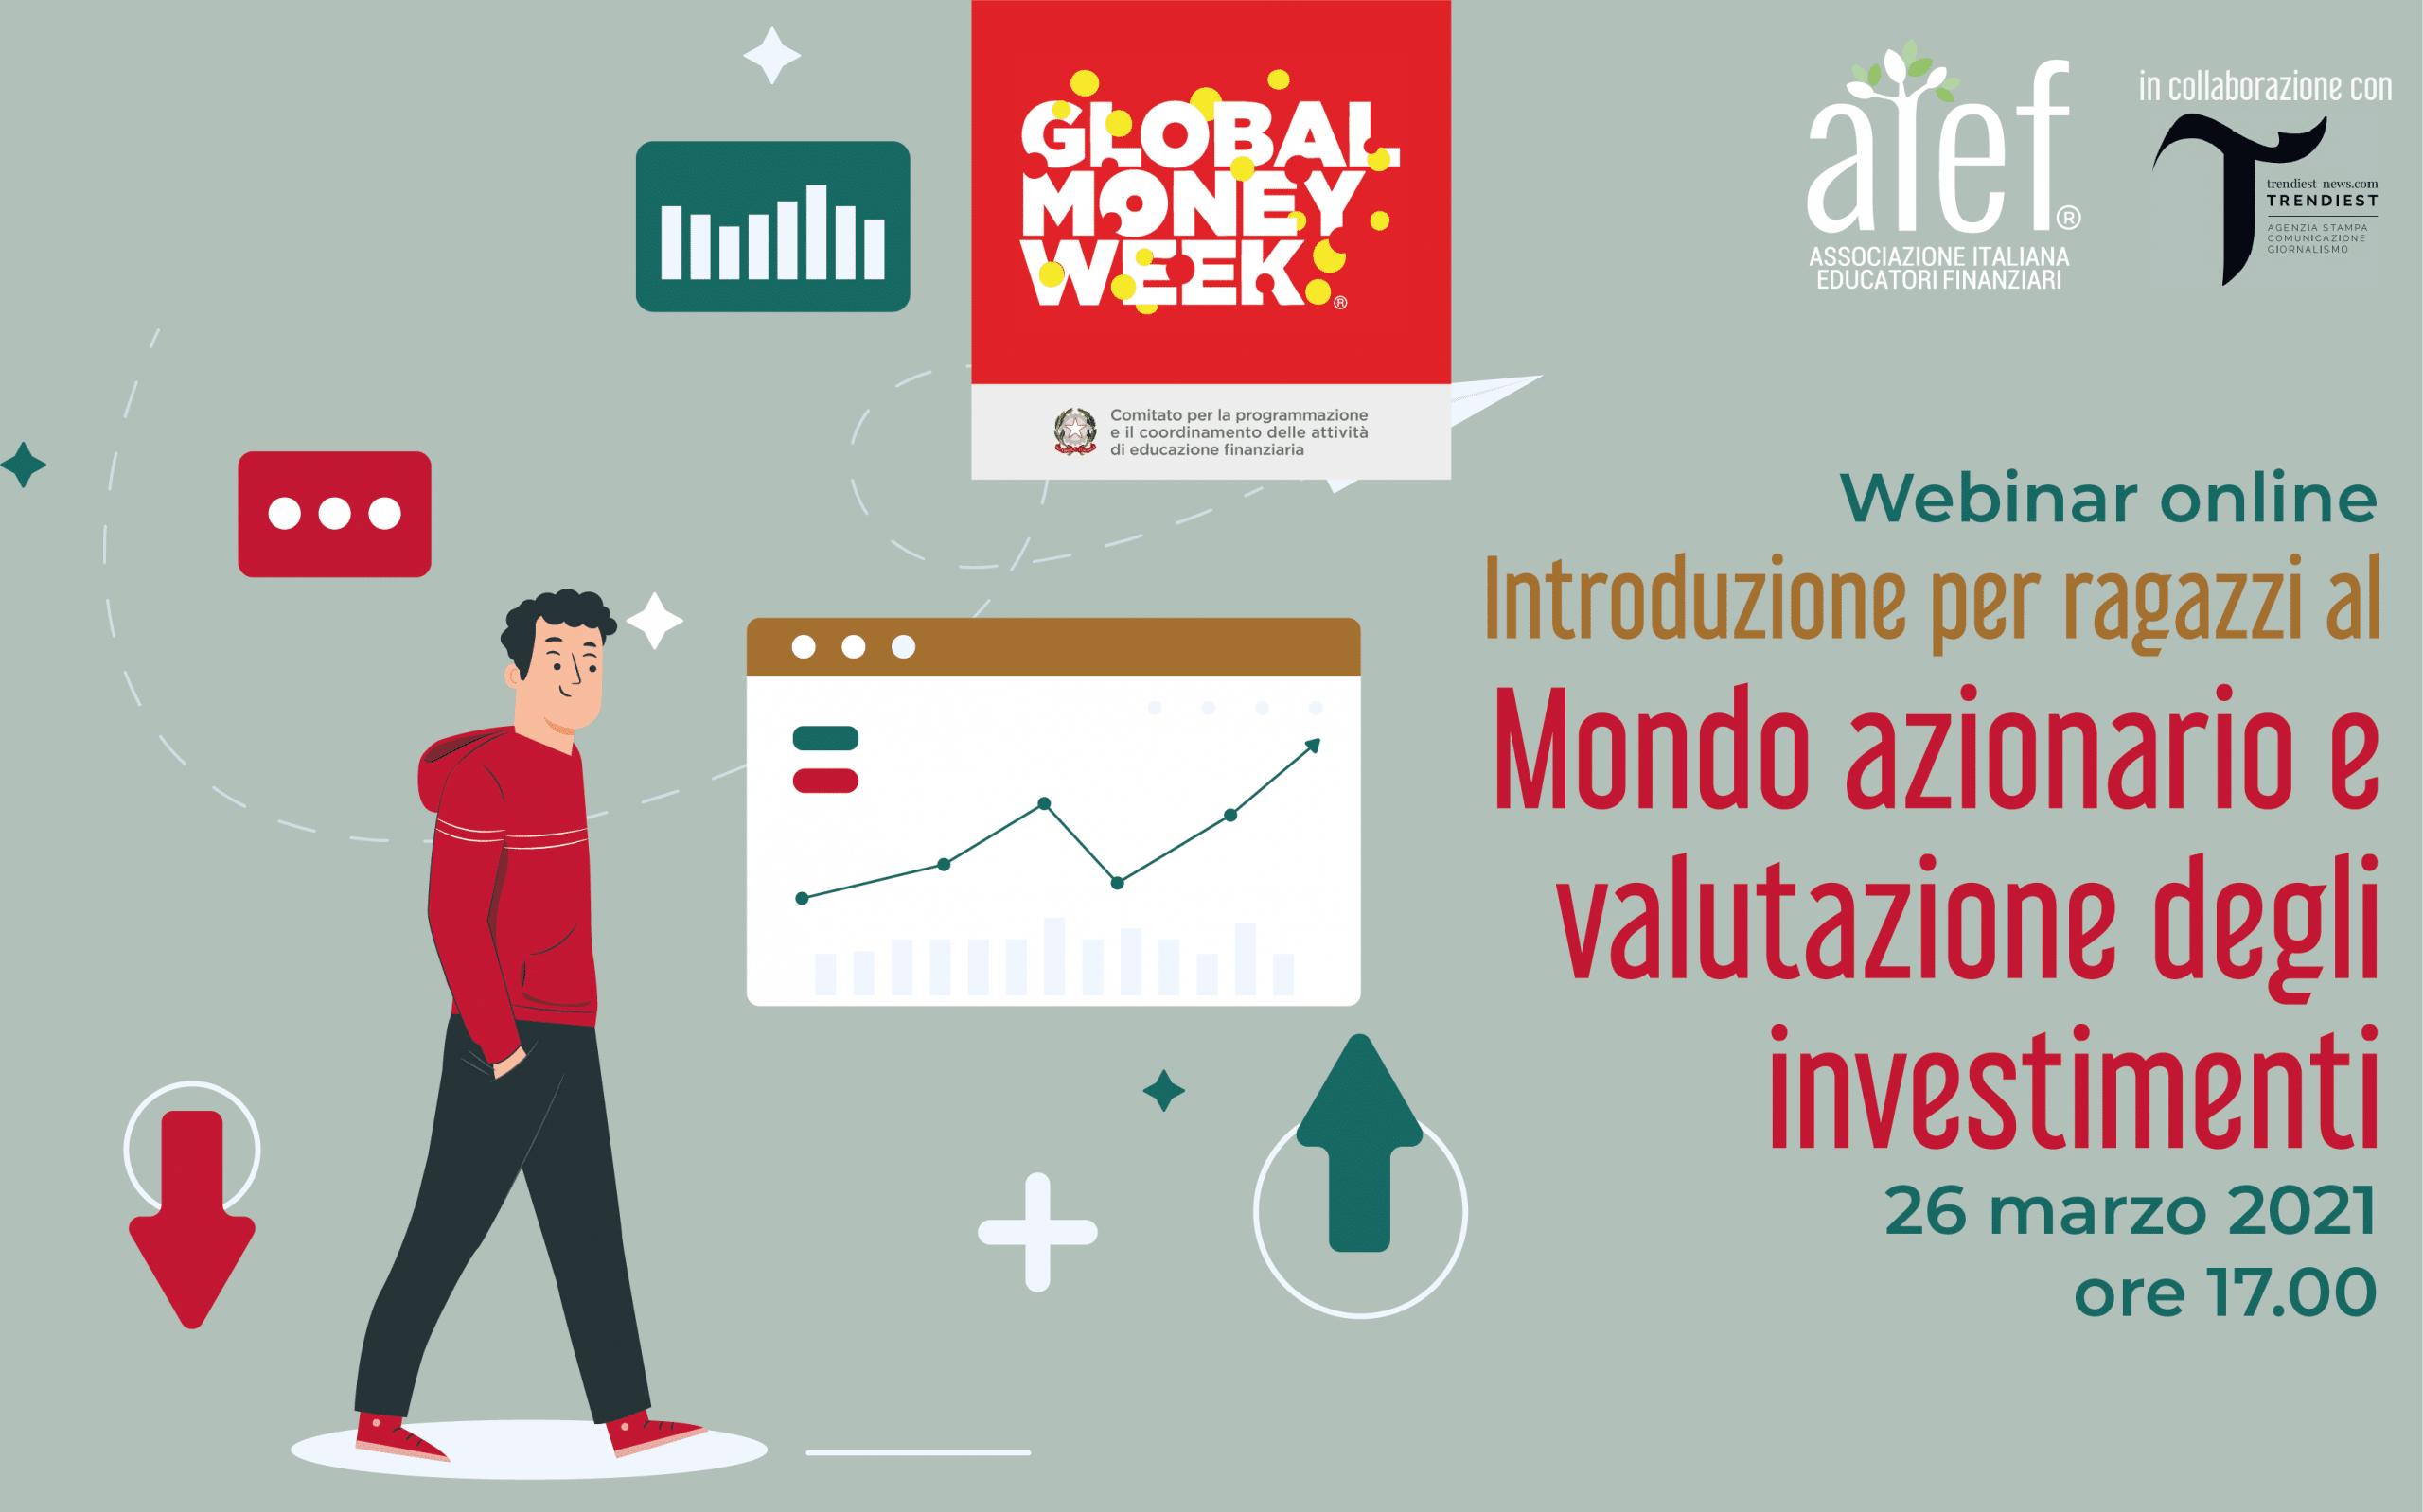 Introduzione per ragazzi - mondo azionario e valutazione degli investimenti